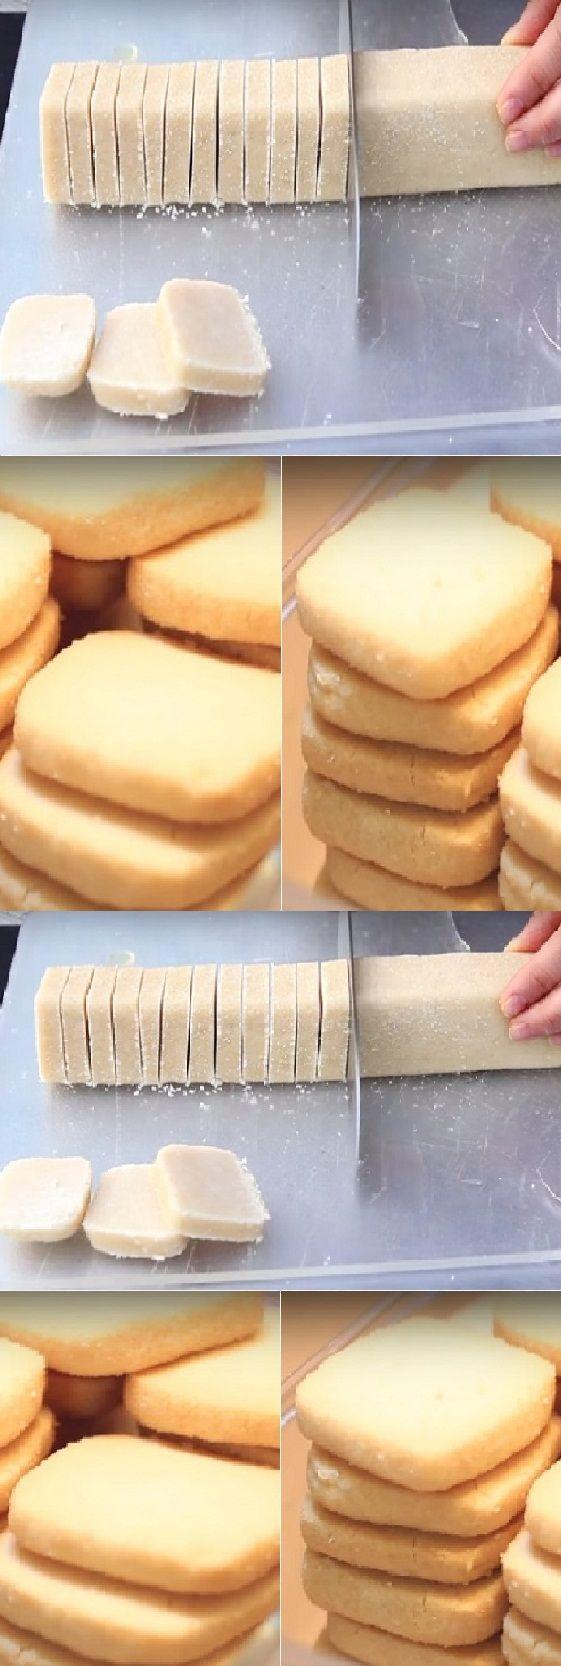 Galletas increíblemente suaves: ¡Necesitarás tan solo 3 ingredientes y 30 minutos de tiempo!